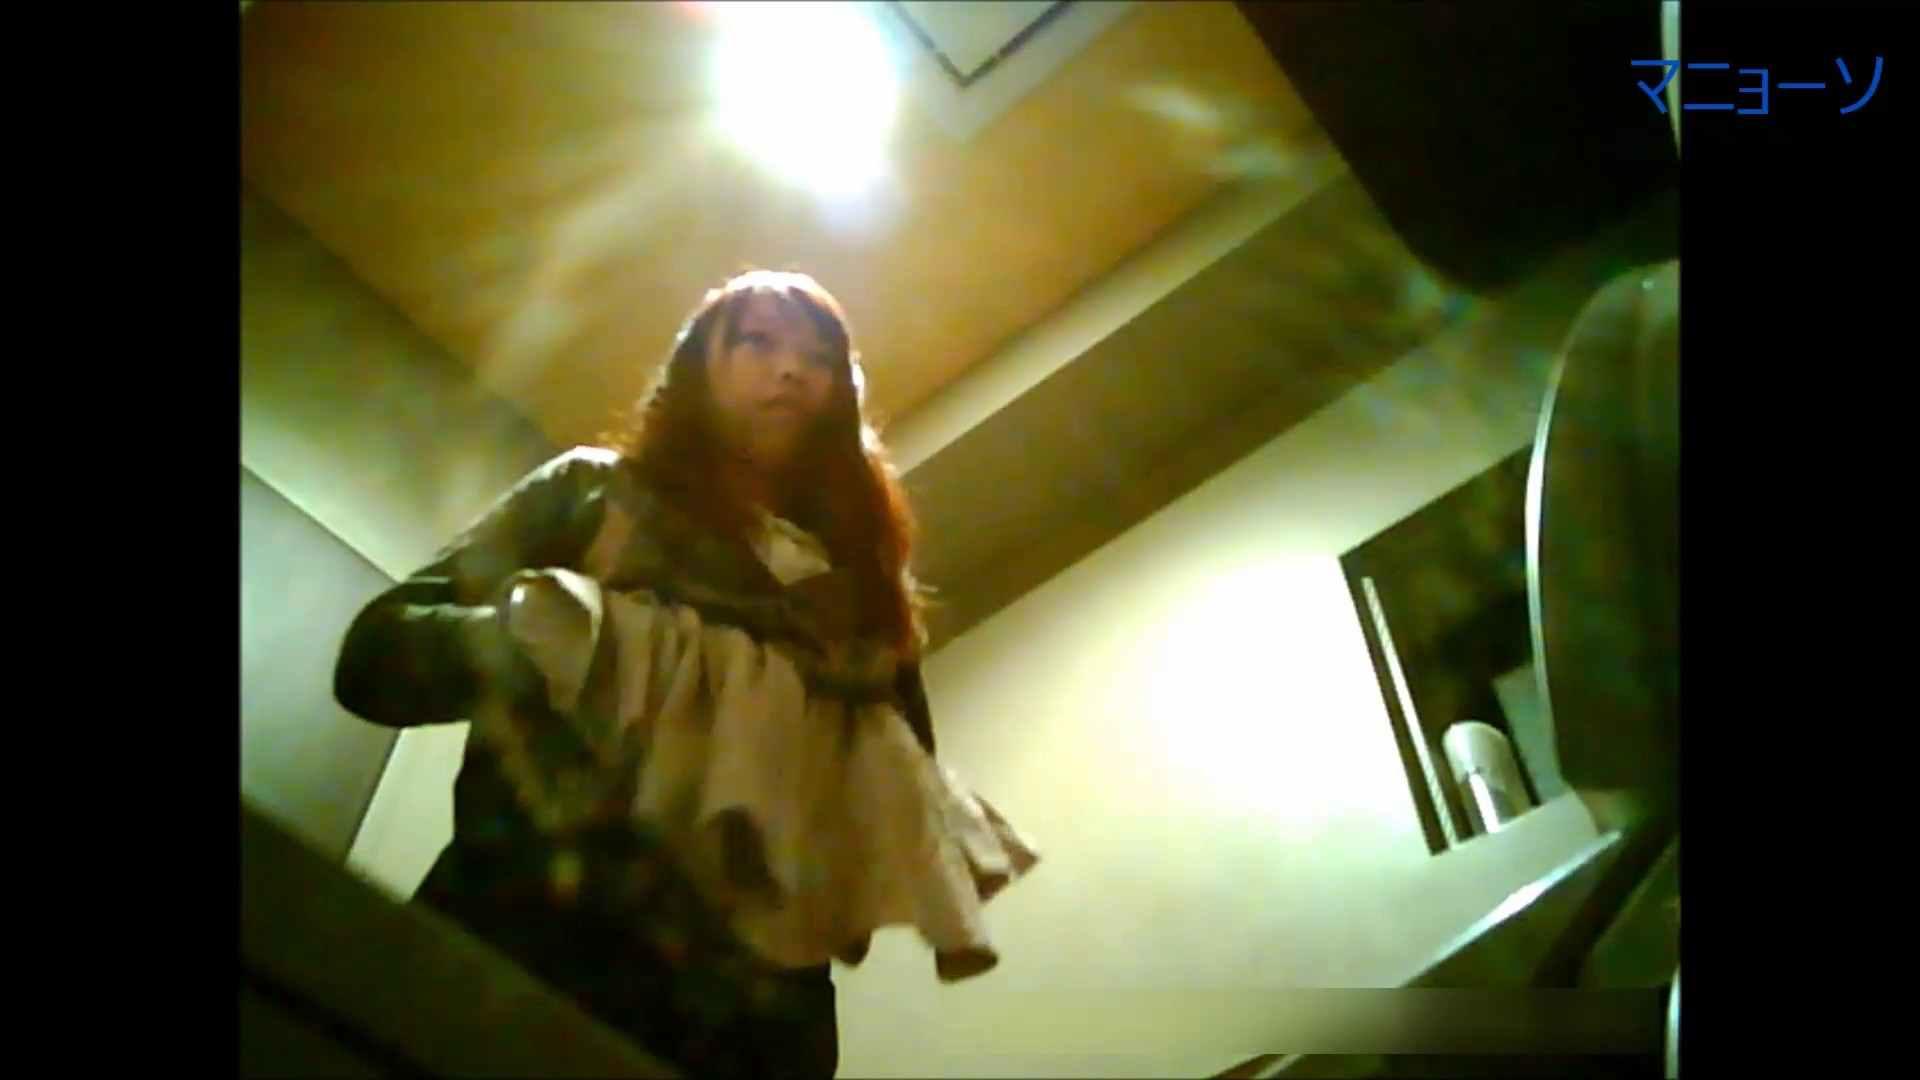 トイレでひと肌脱いでもらいました (JD編)Vol.01 女性トイレ  101pic 84